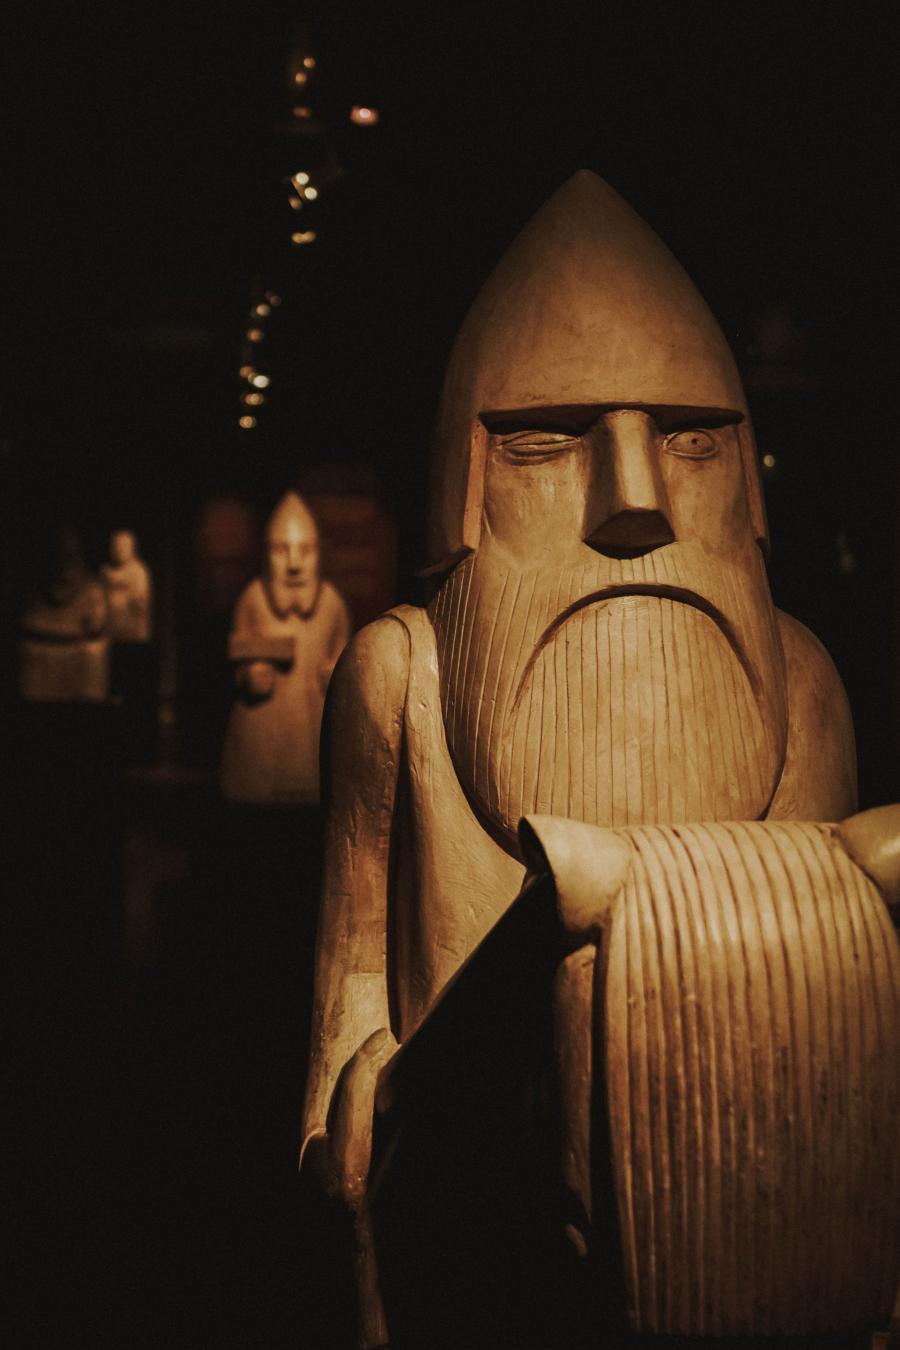 vikinger og nordisk mytologi